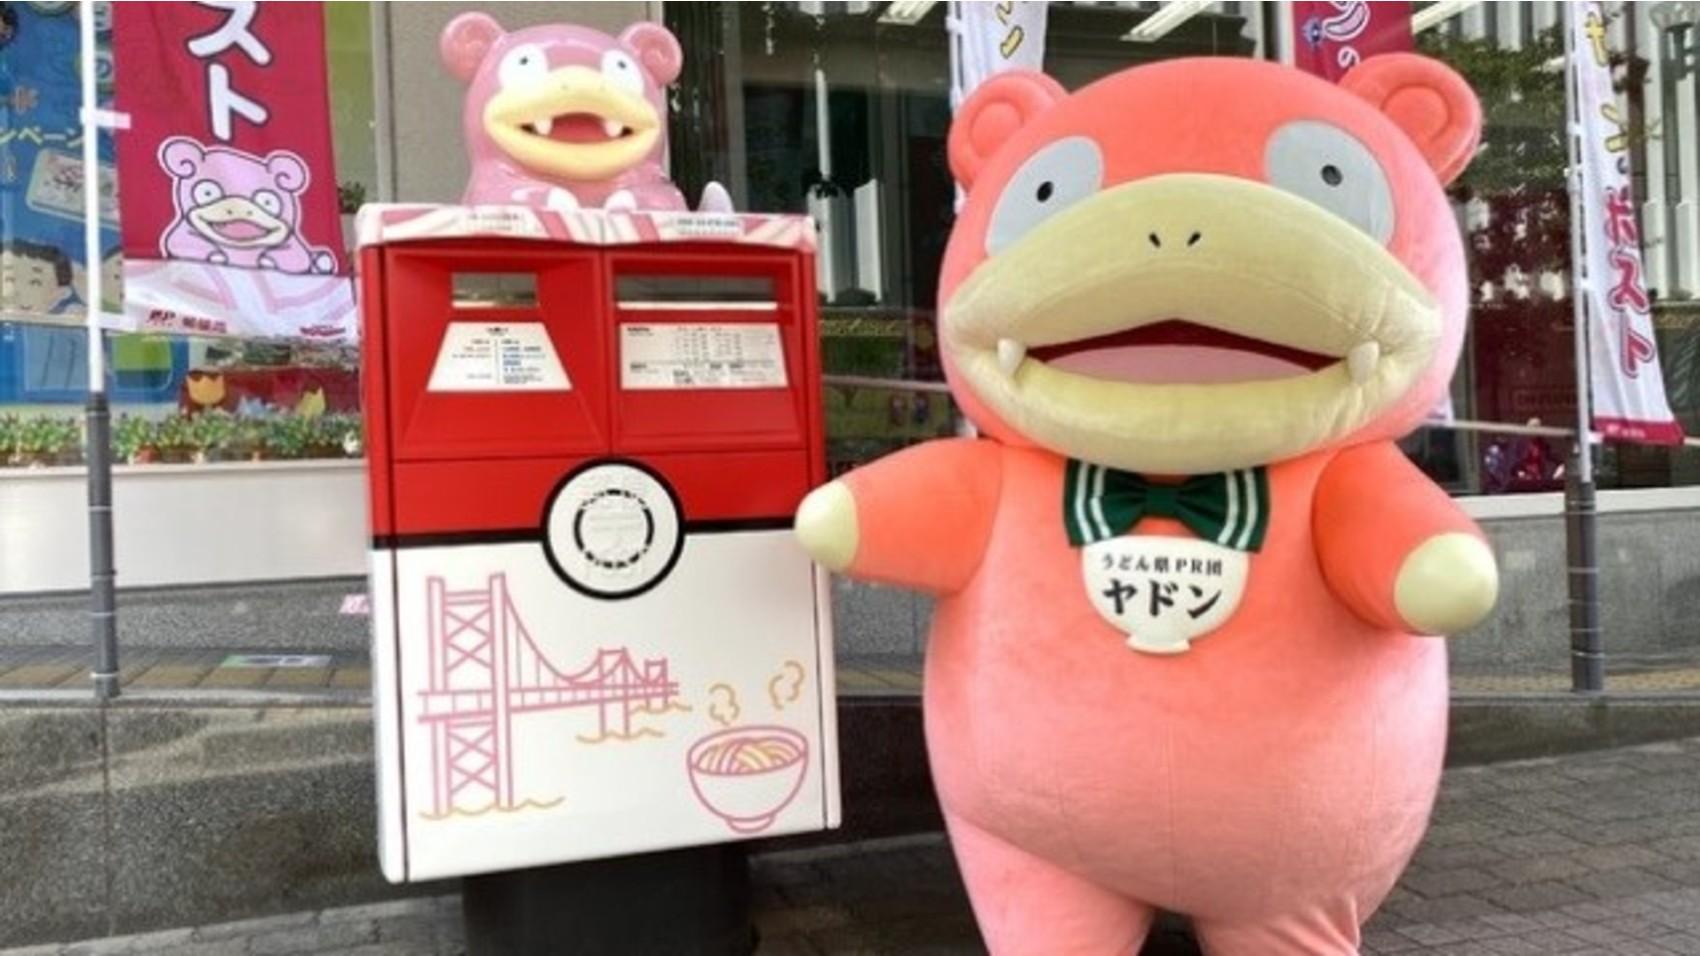 In una prefettura giapponese potete trovare delle cassette postali a tema Pokémon thumbnail